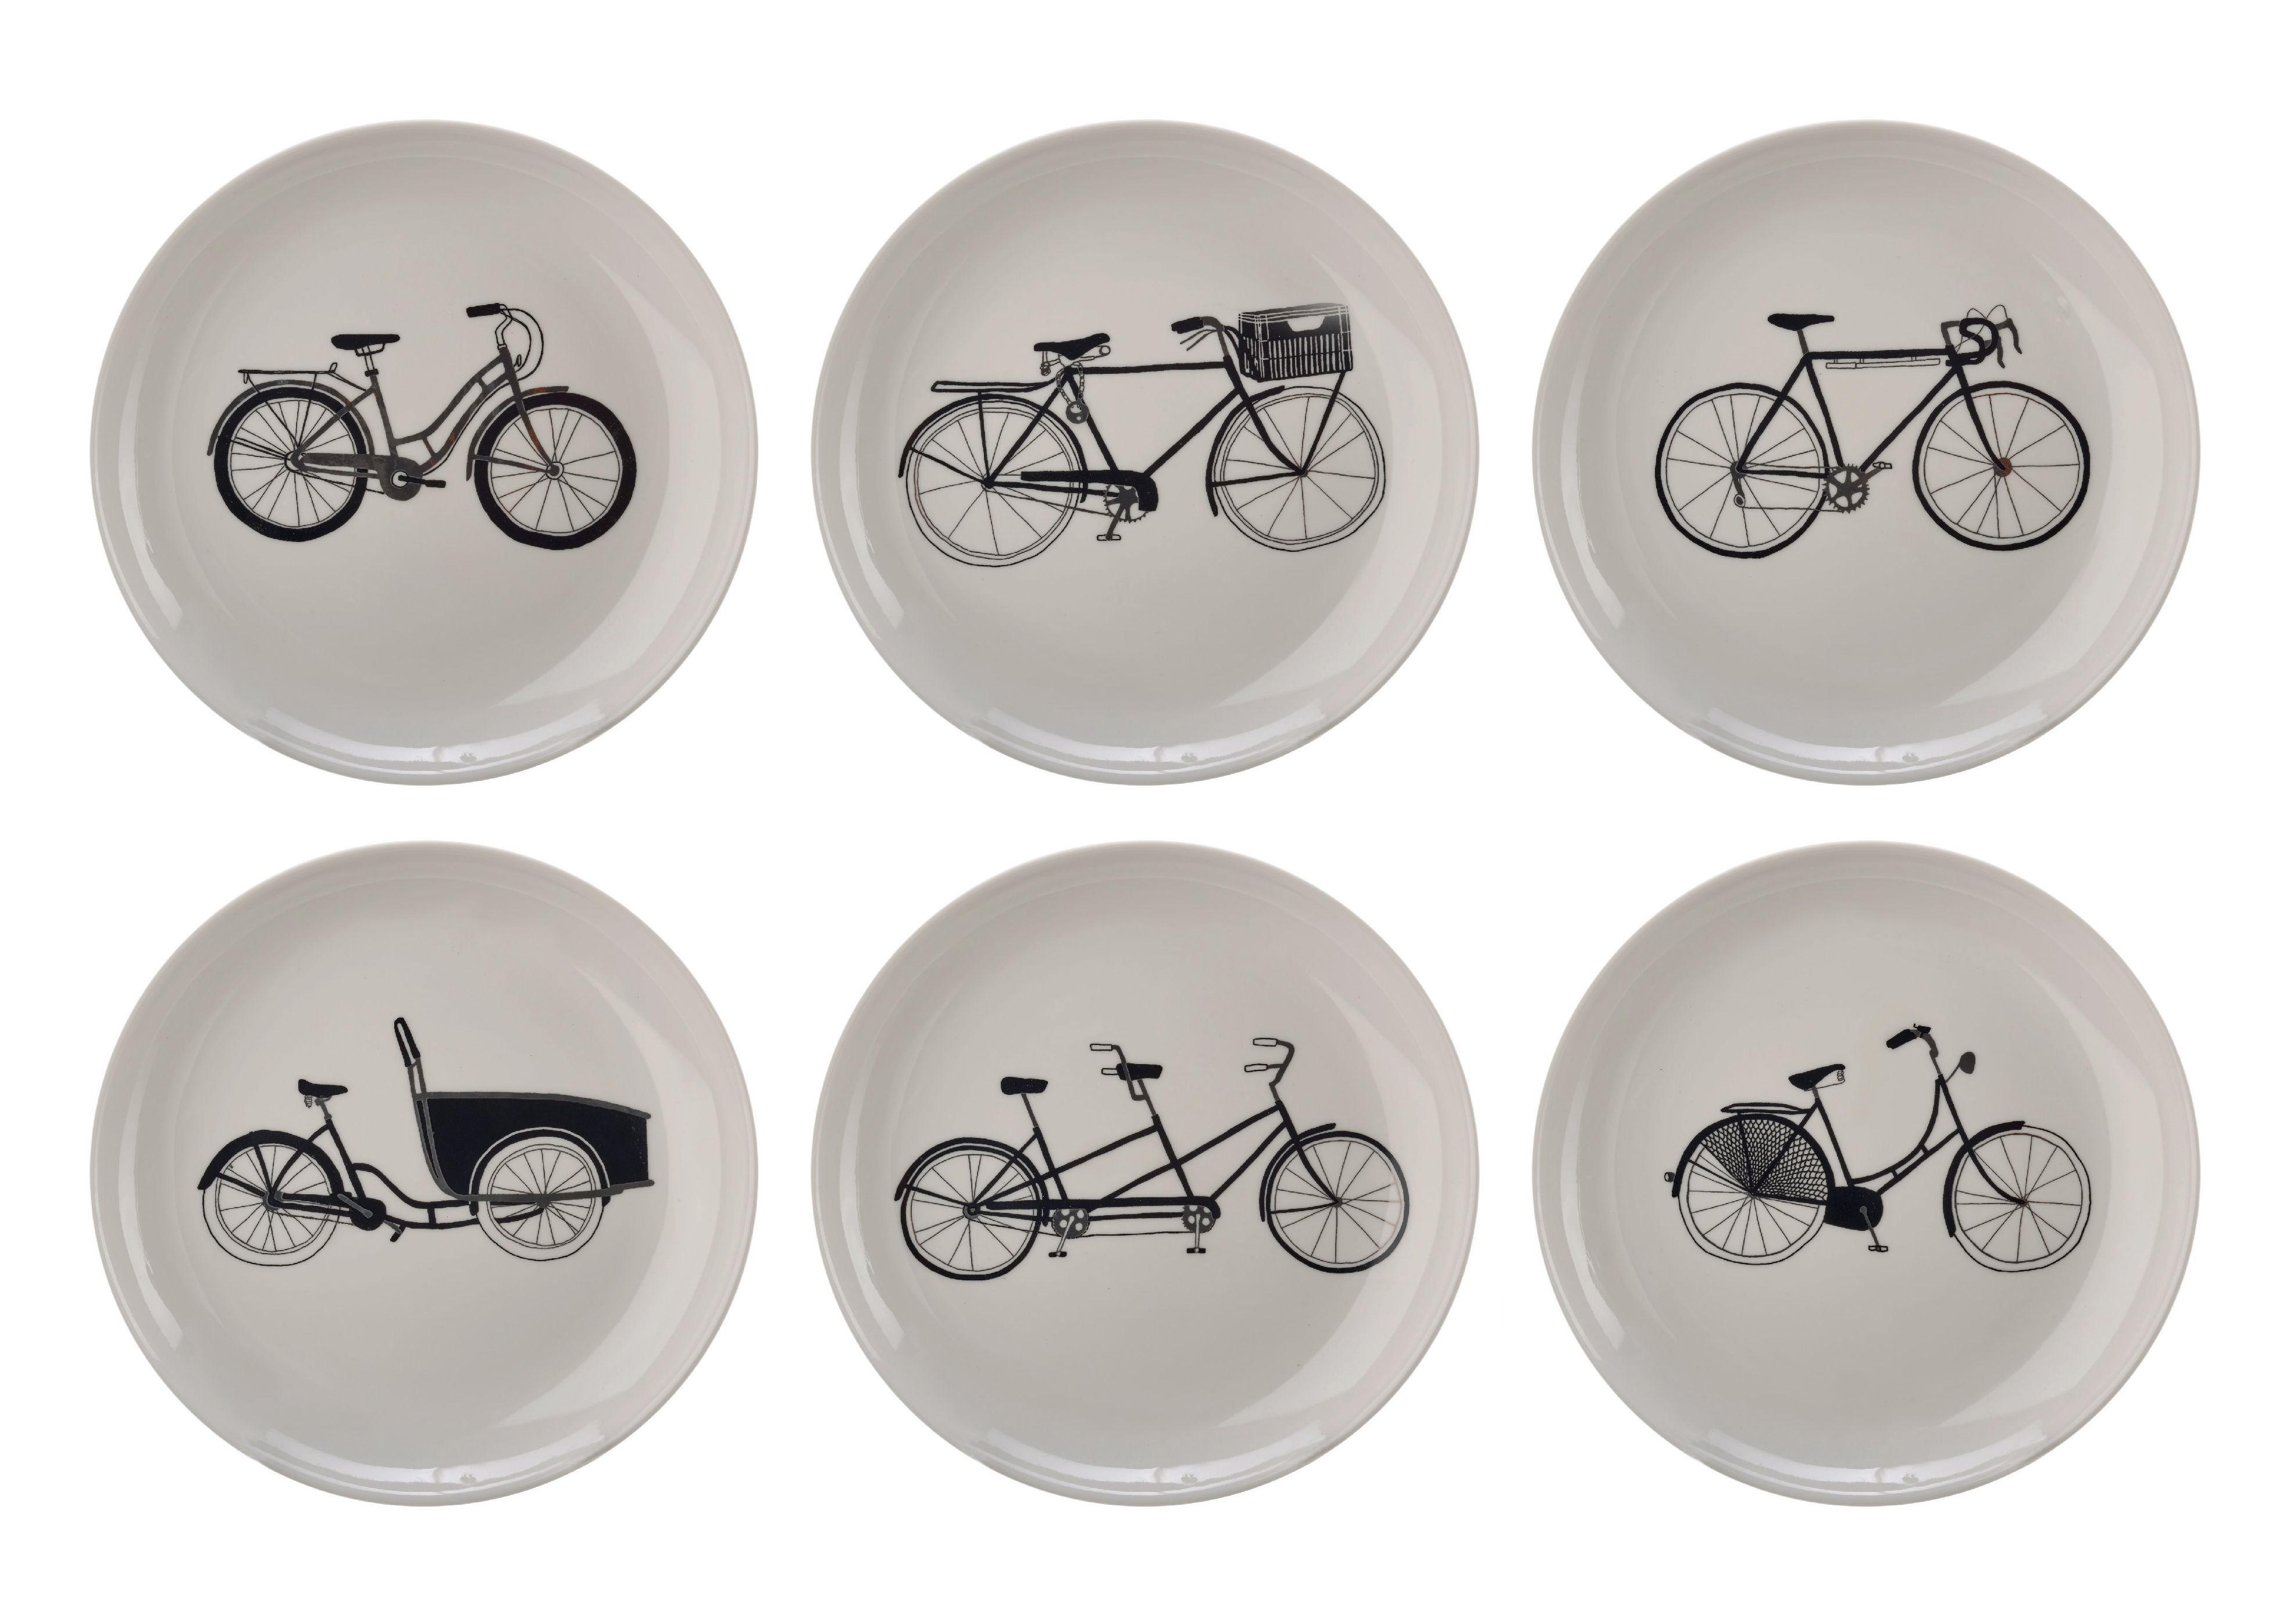 Arts de la table - Assiettes - Assiette à dessert Bikes / Ø 20 cm - Set de 6 - Pols Potten - Noir, blanc & argent - Porcelaine vitrifiée